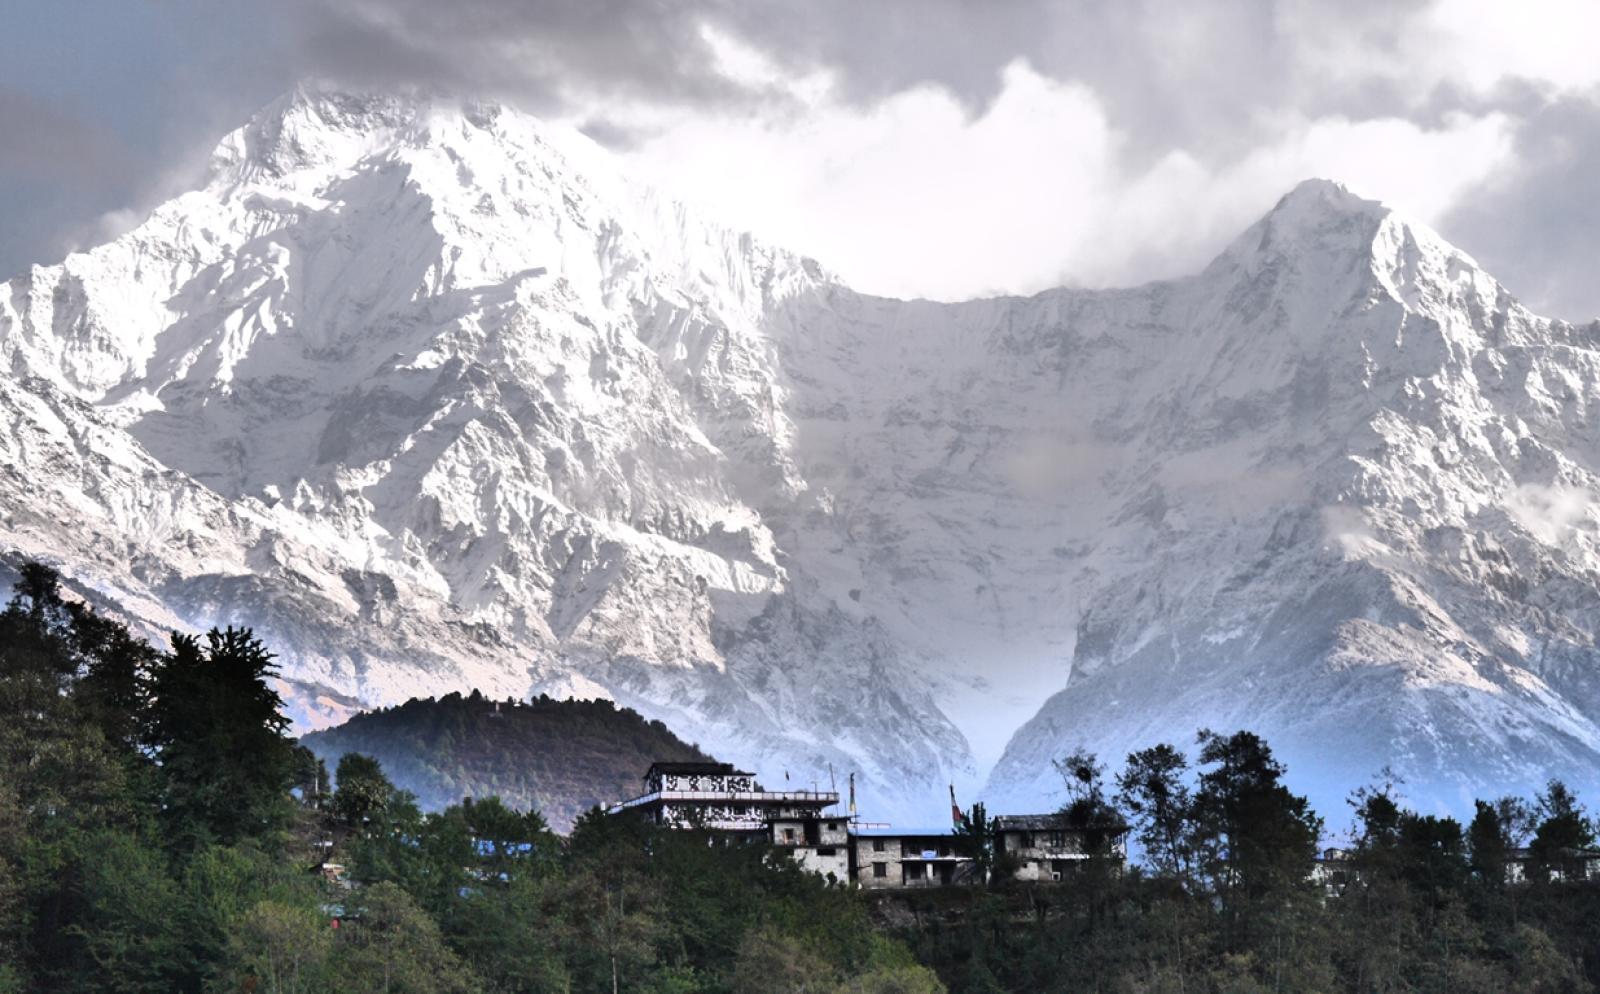 ネパール環境保護ボランティアの舞台ヒマラヤ山脈